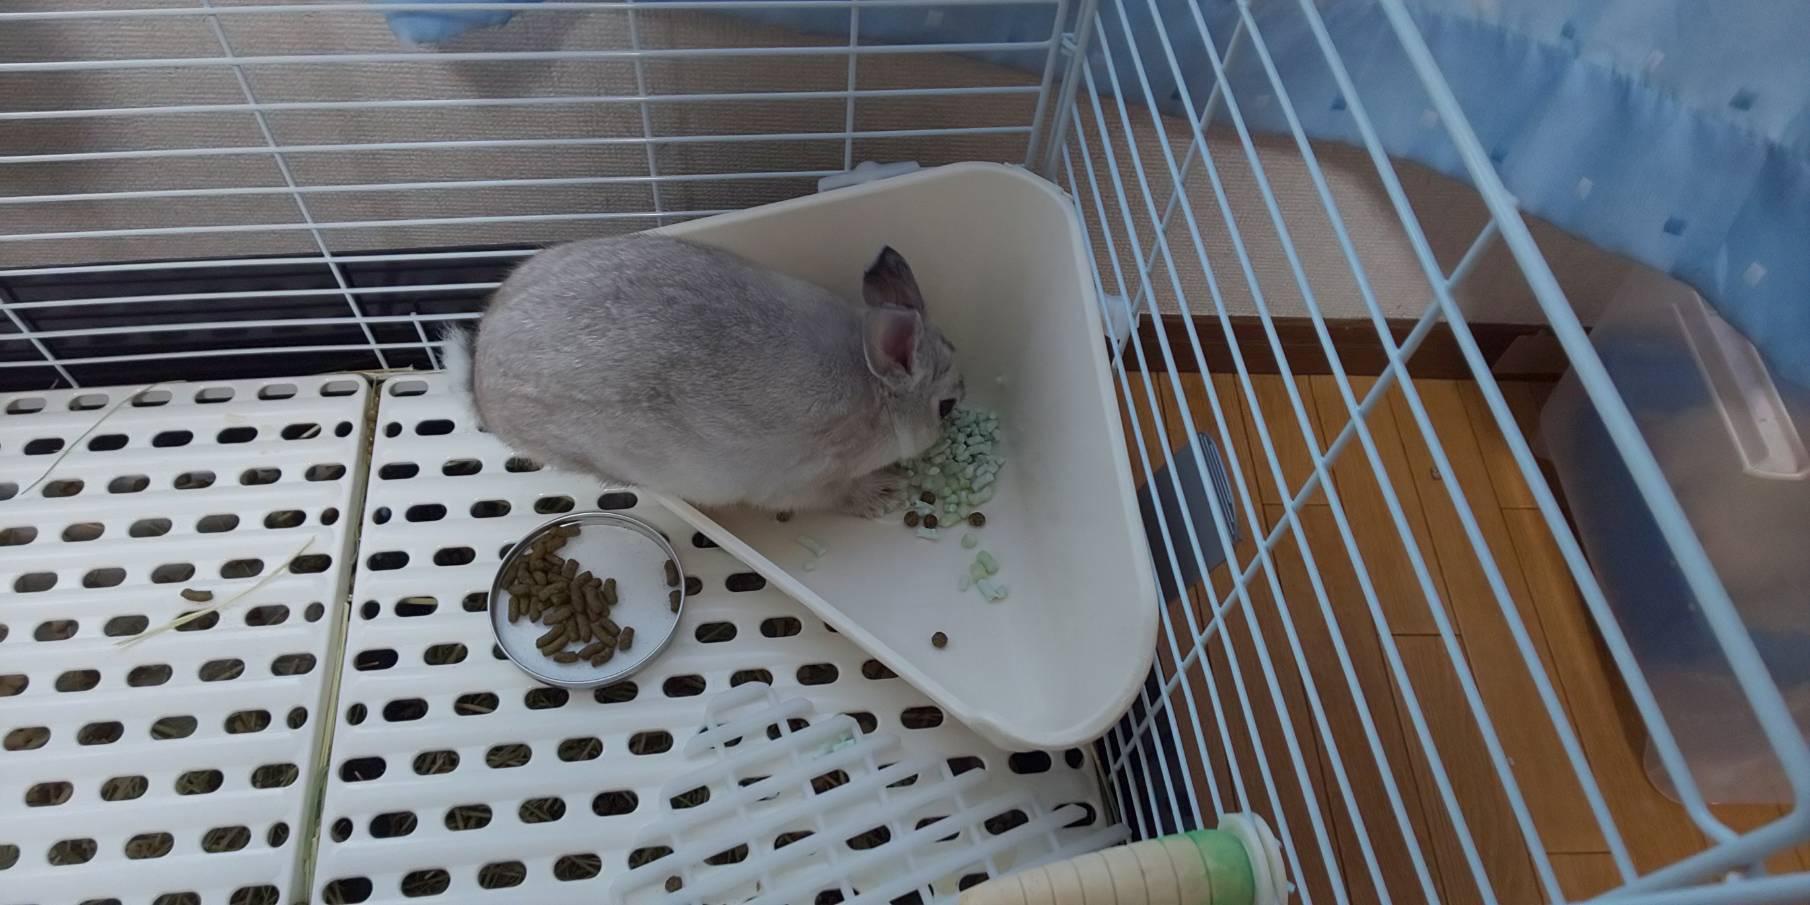 【ミニウサギ】うちのミニウサギ朝からトイレの中で何をやっているんだか・・・・